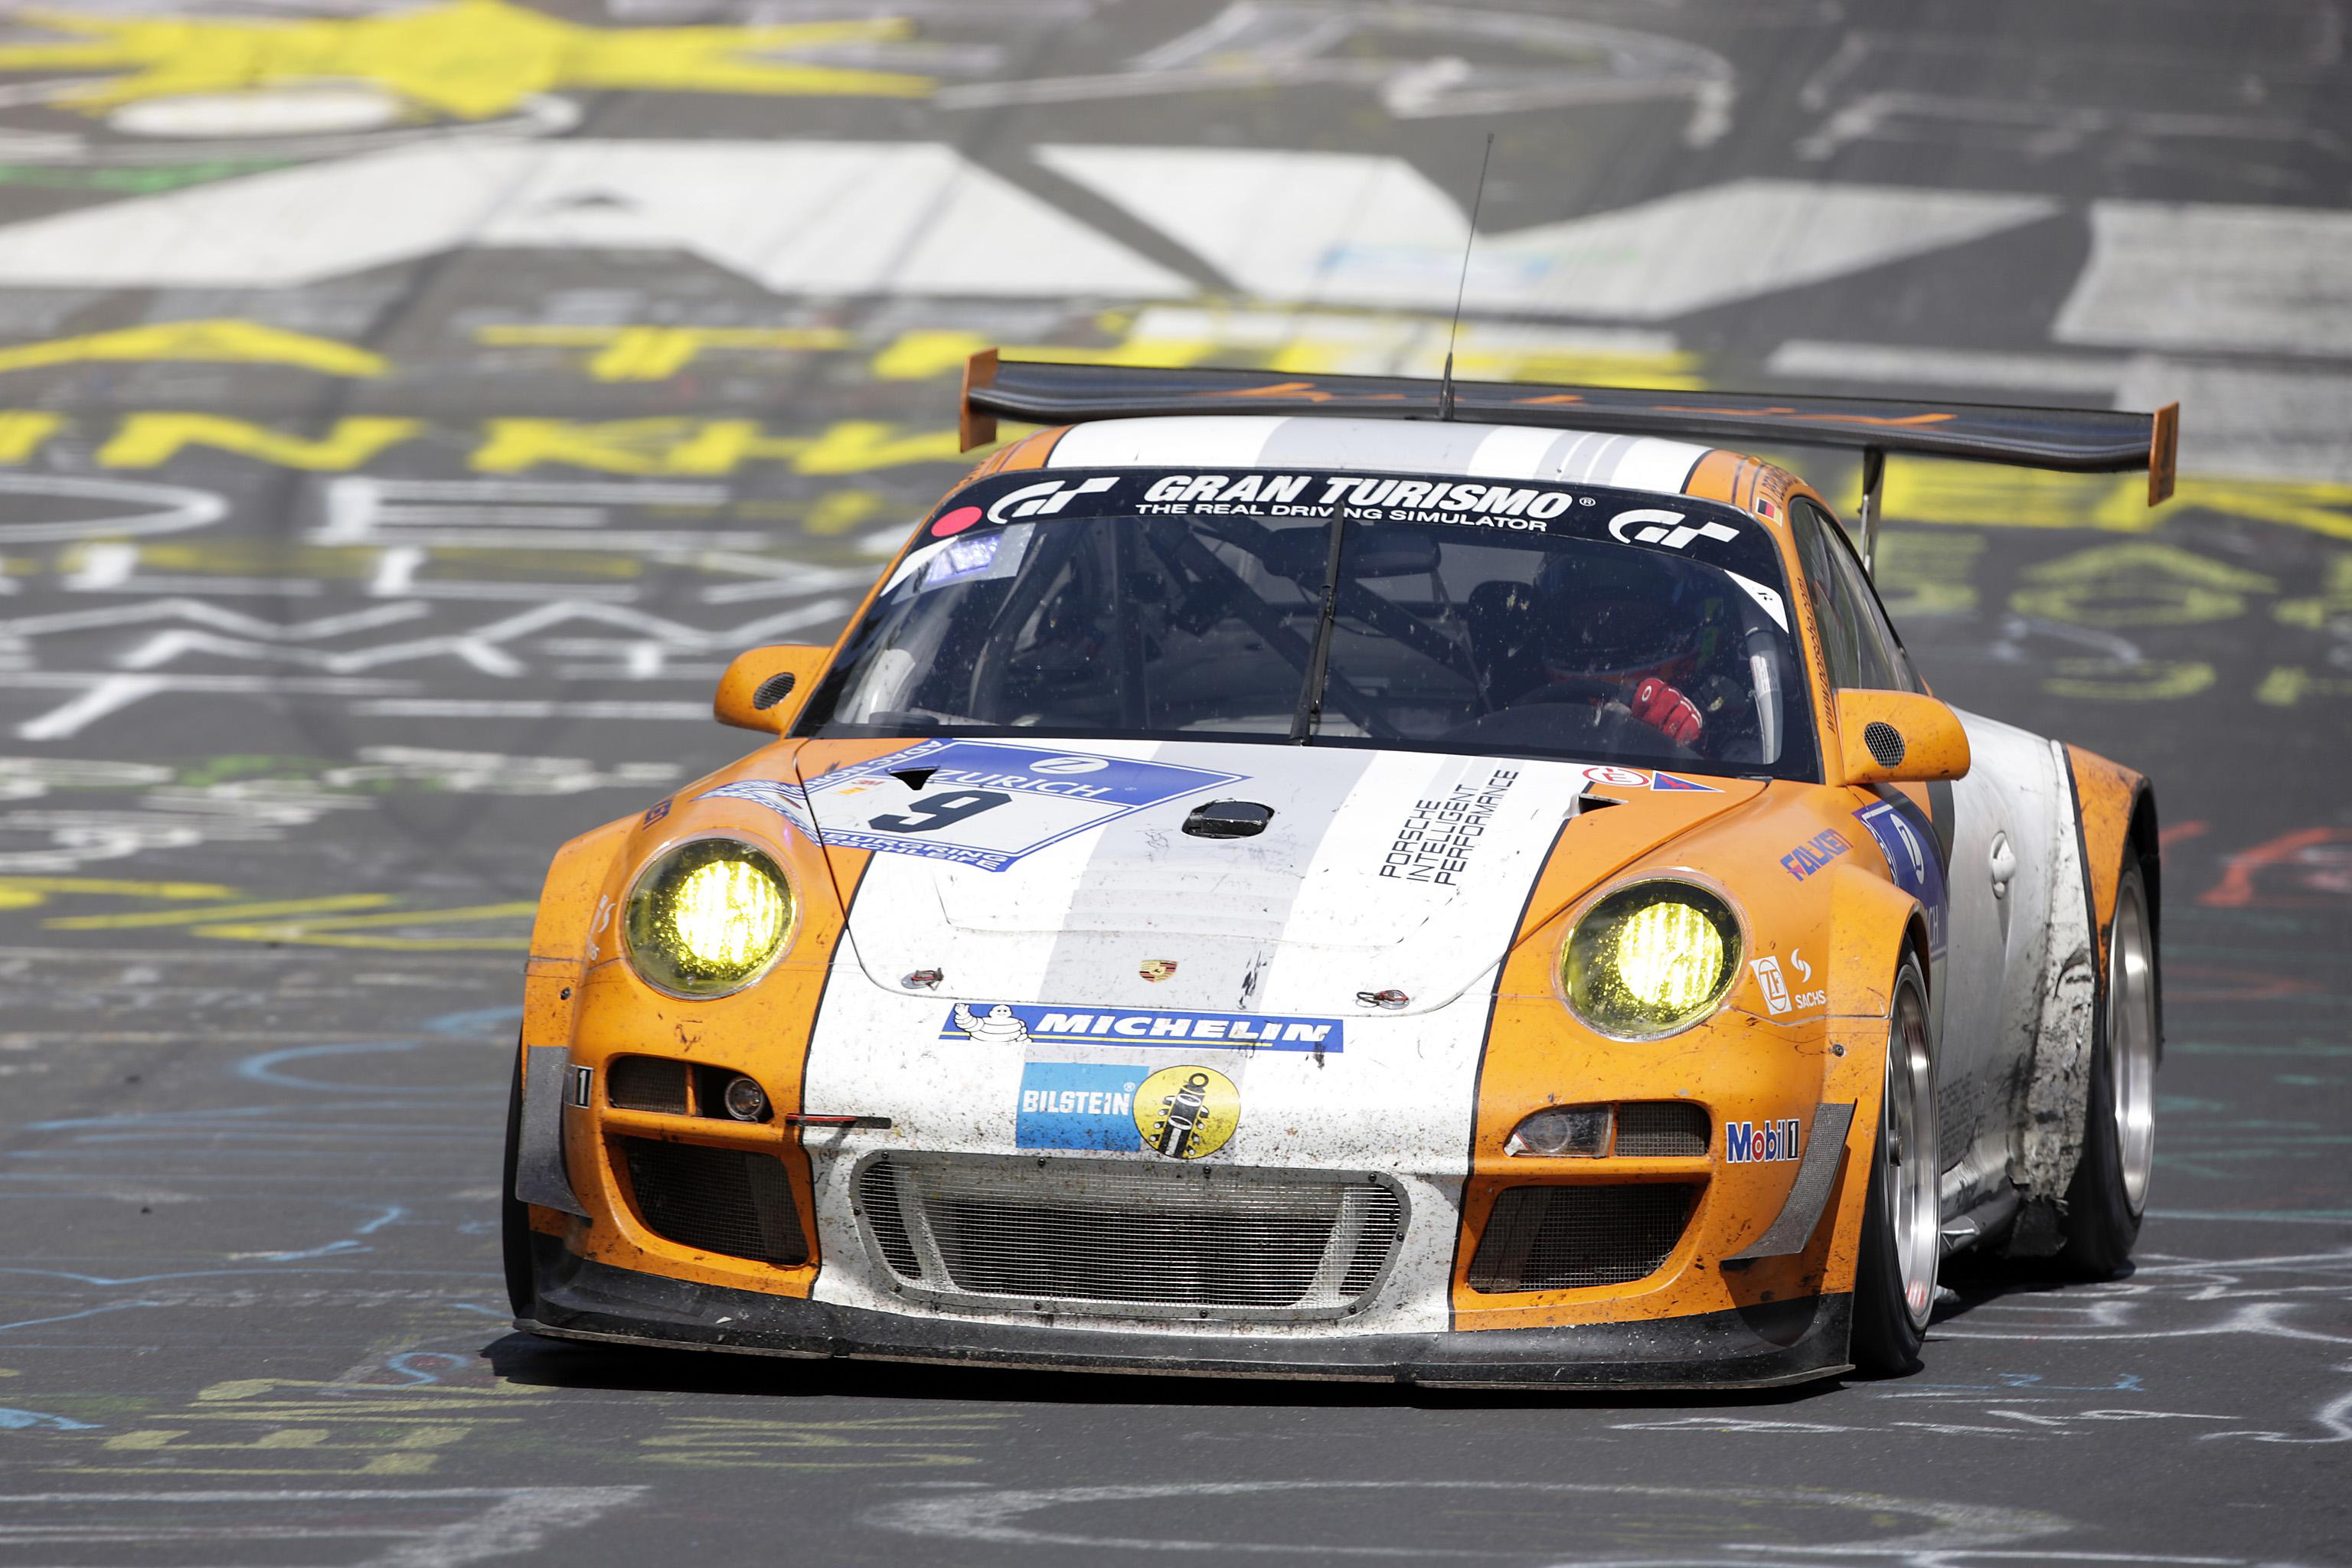 Porsche 911 Gt3 R Hybrid Version 2 0 Porsche Everyday